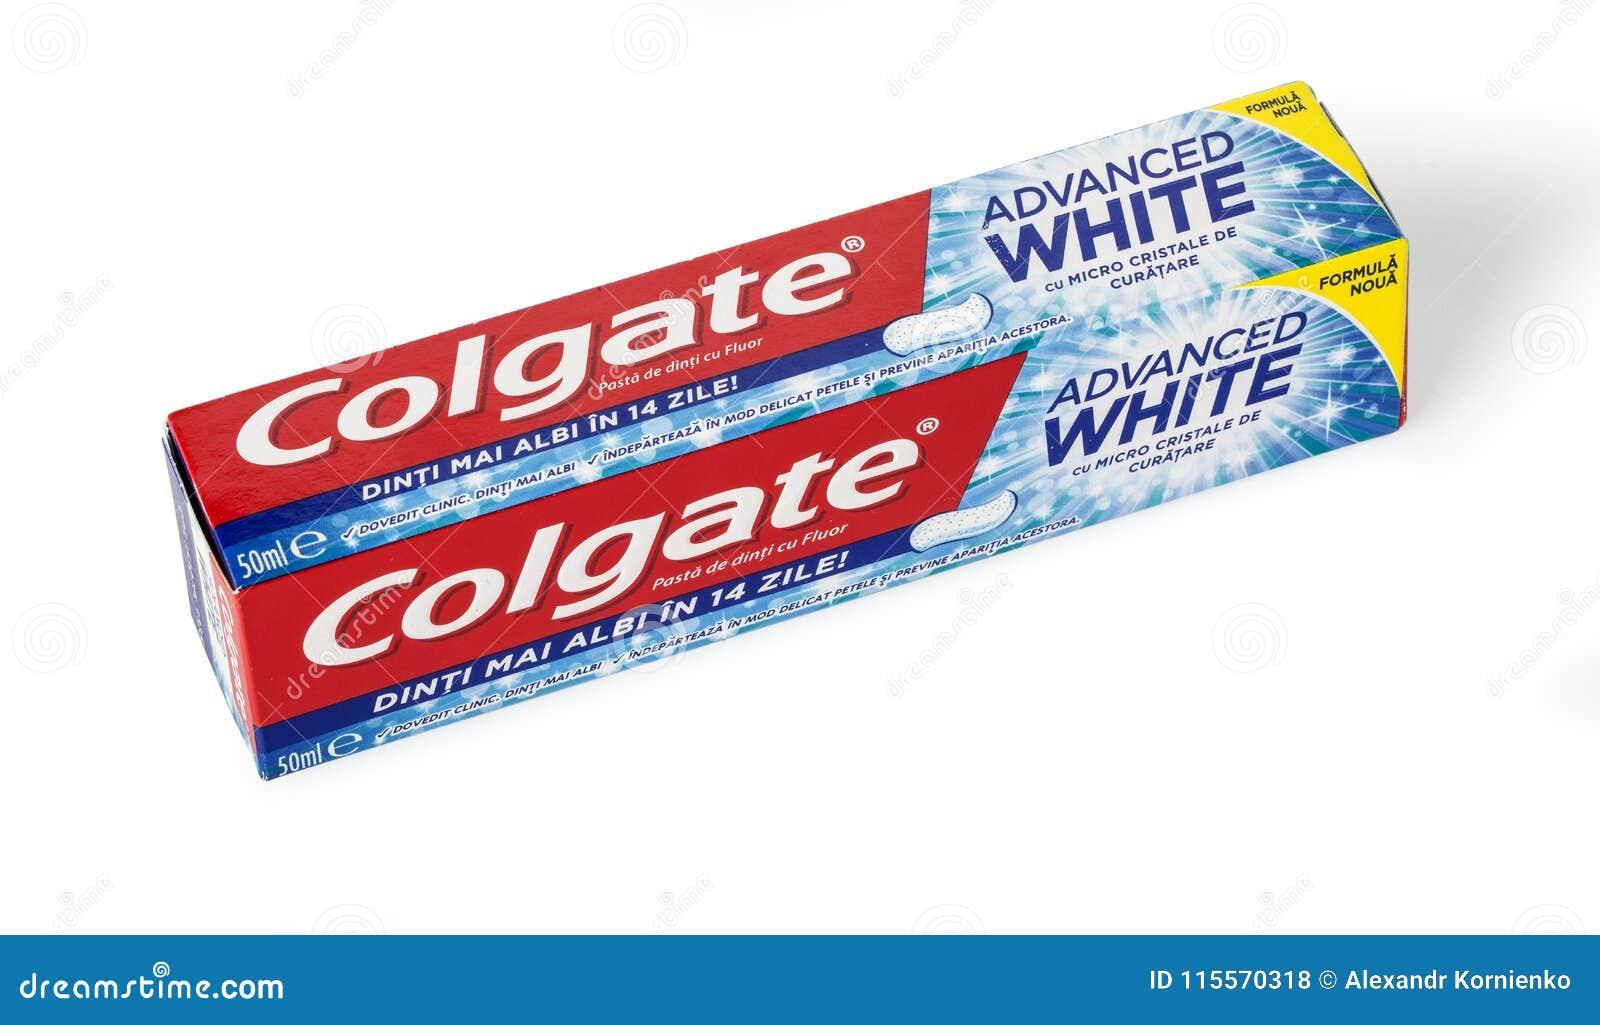 Colgate Toothpaste: description, composition, photo 60